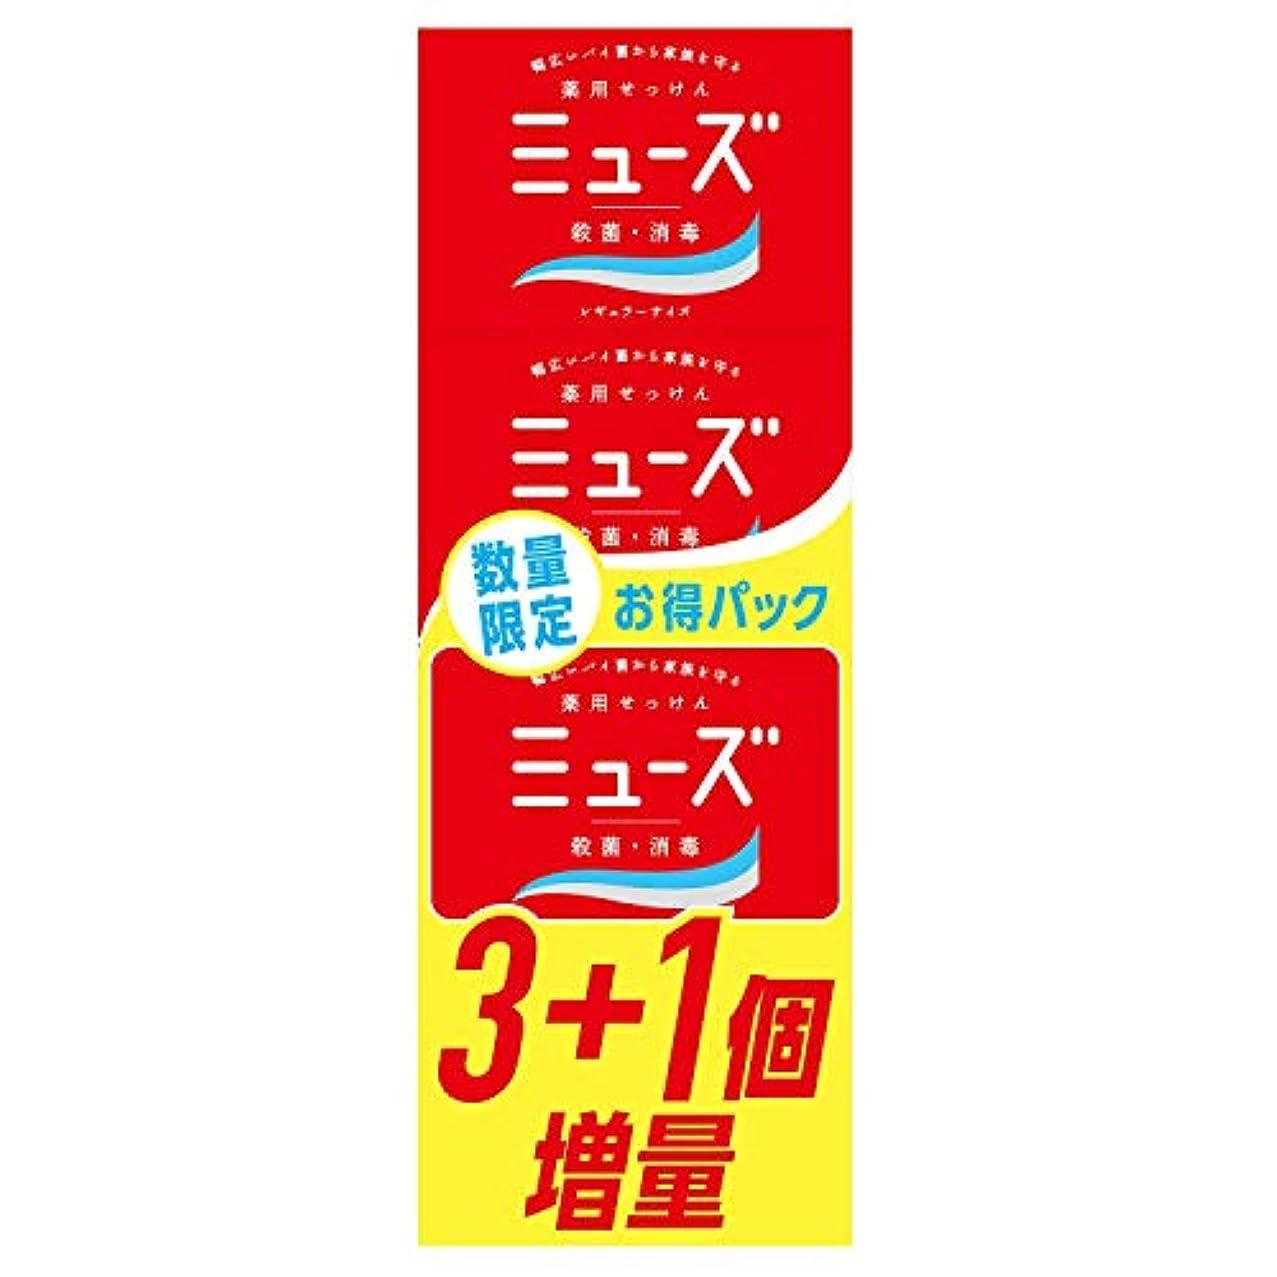 ピアニスト塩膨らみ【医薬部外品】ミューズ石鹸レギュラー 3+1限定品